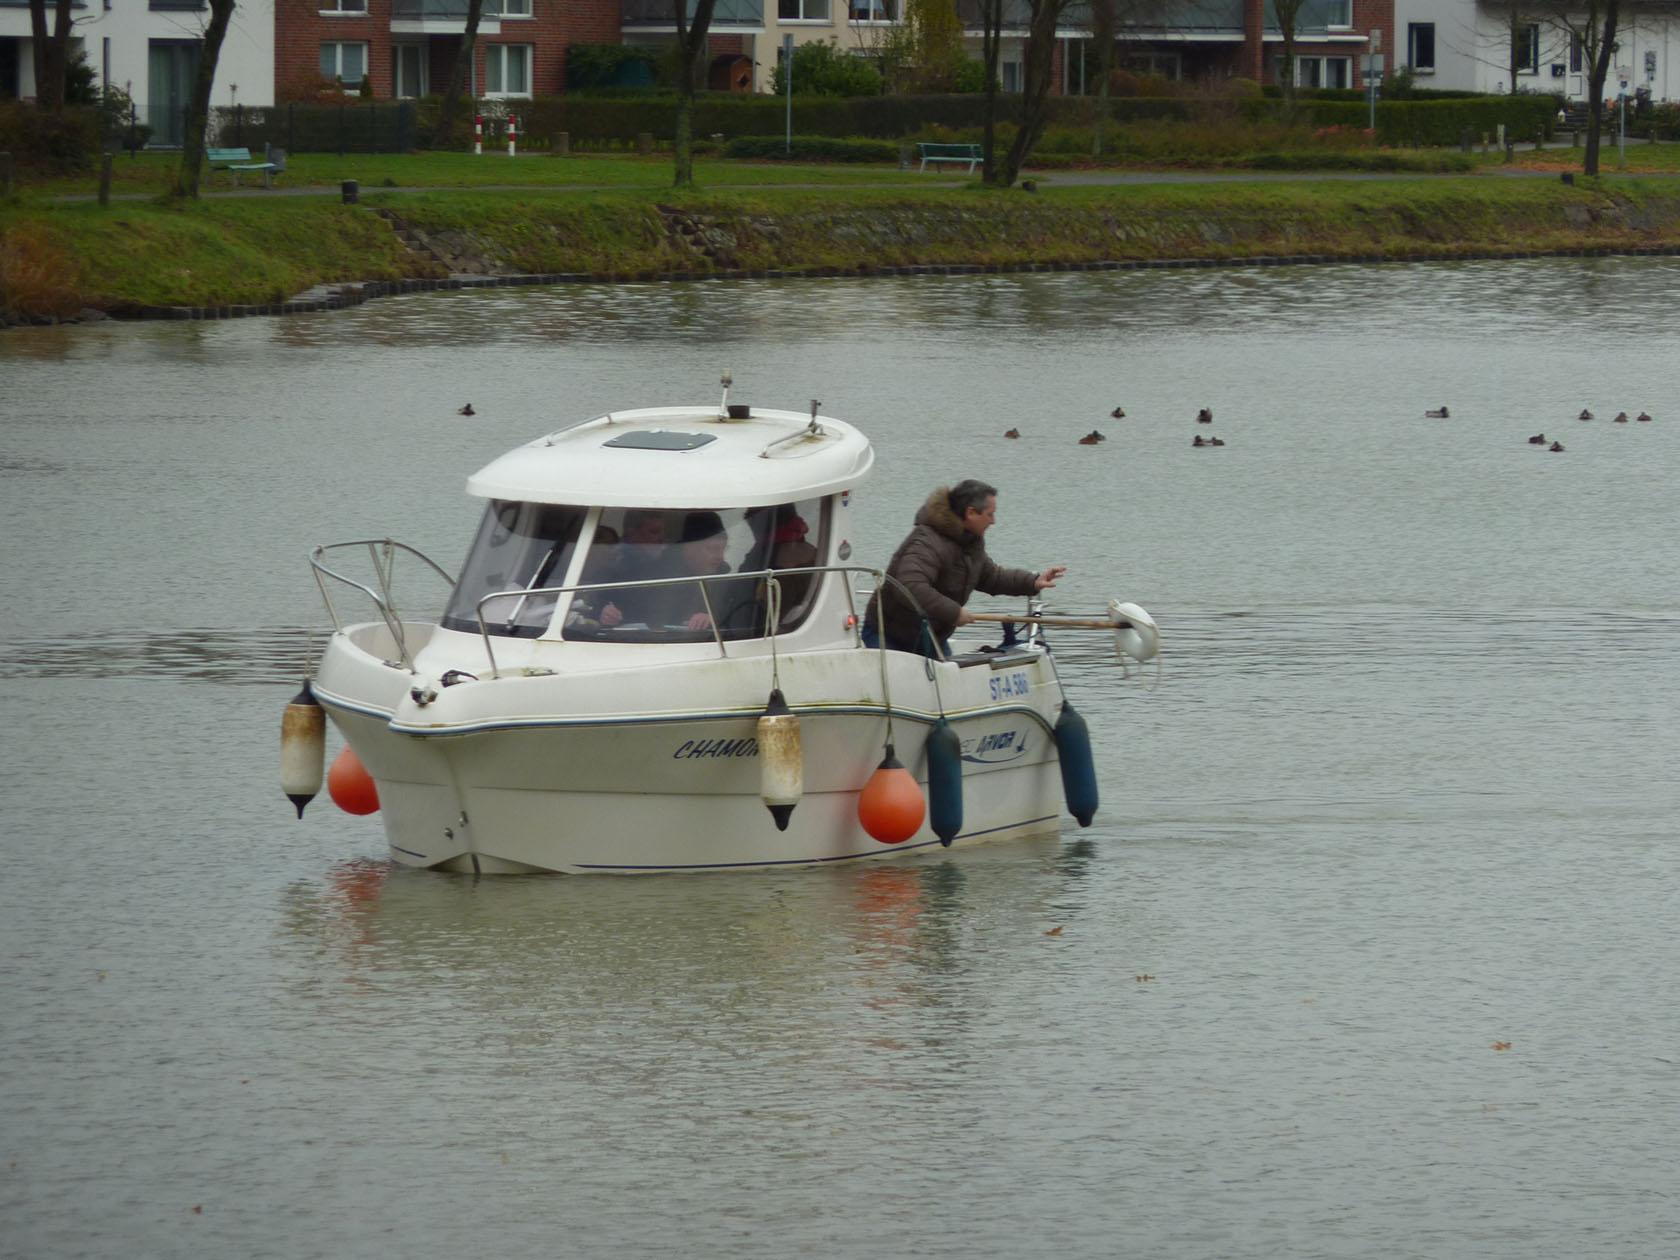 Sportbootführerscheinprüfung, Prüfling beim Manöver Mensch über Bord, dabei holt er den Ring aus dem Wasser